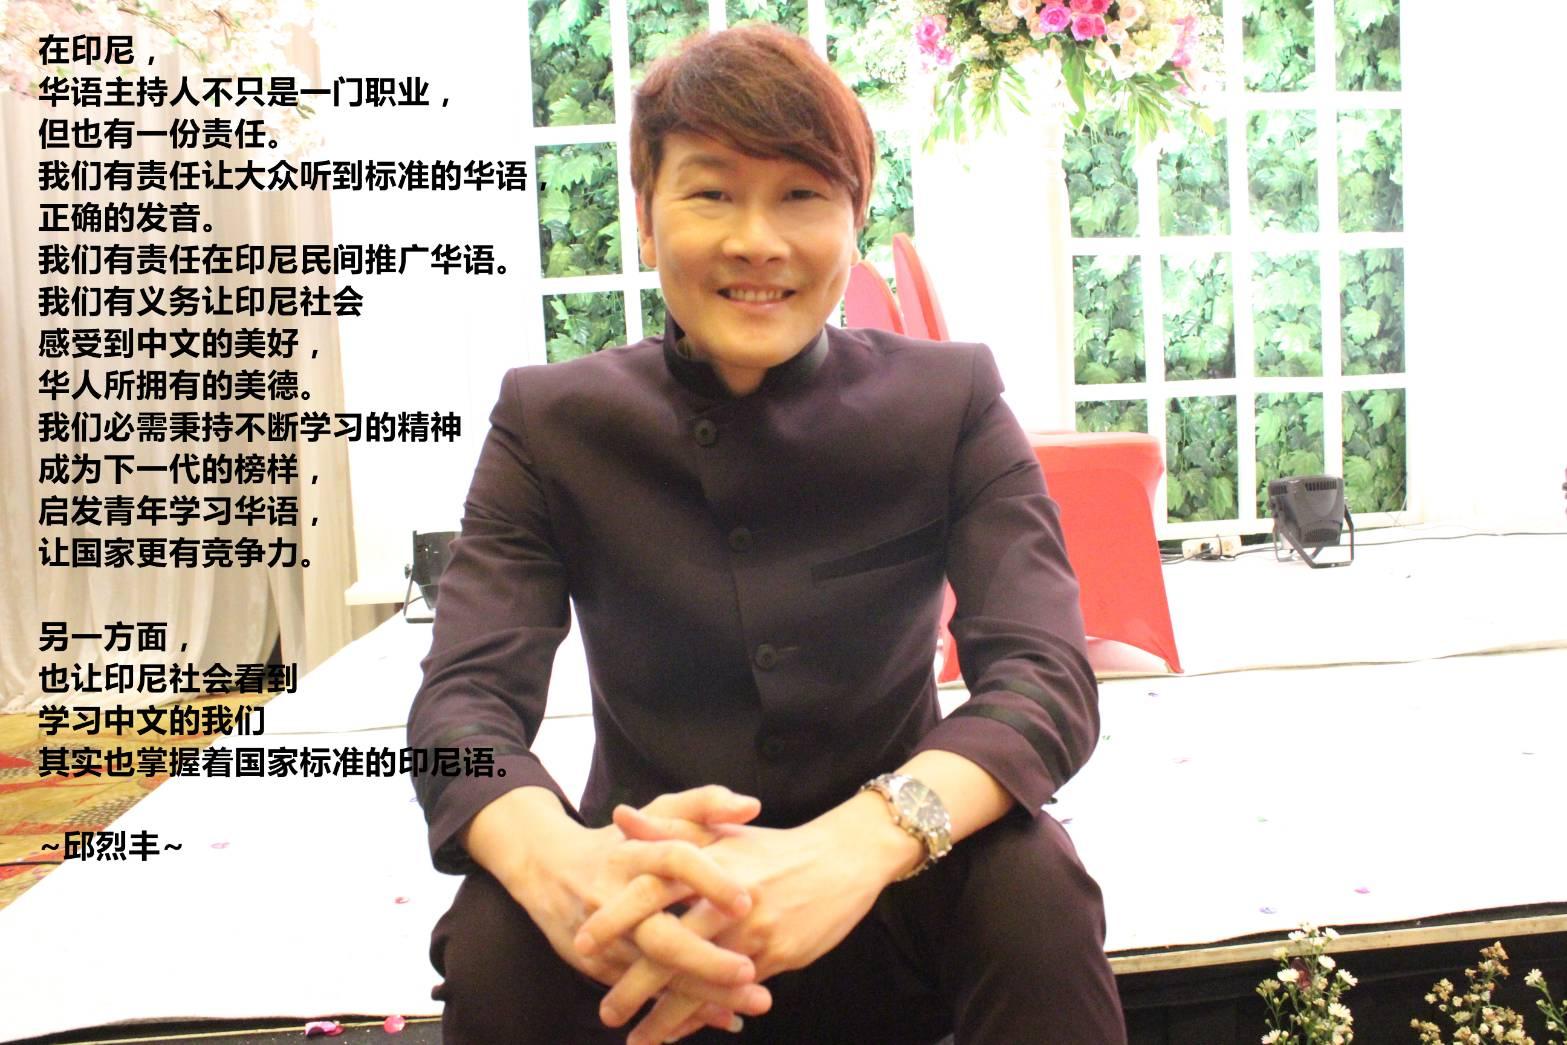 致力推廣中華文化的 印尼華語原創歌手 邱烈豐